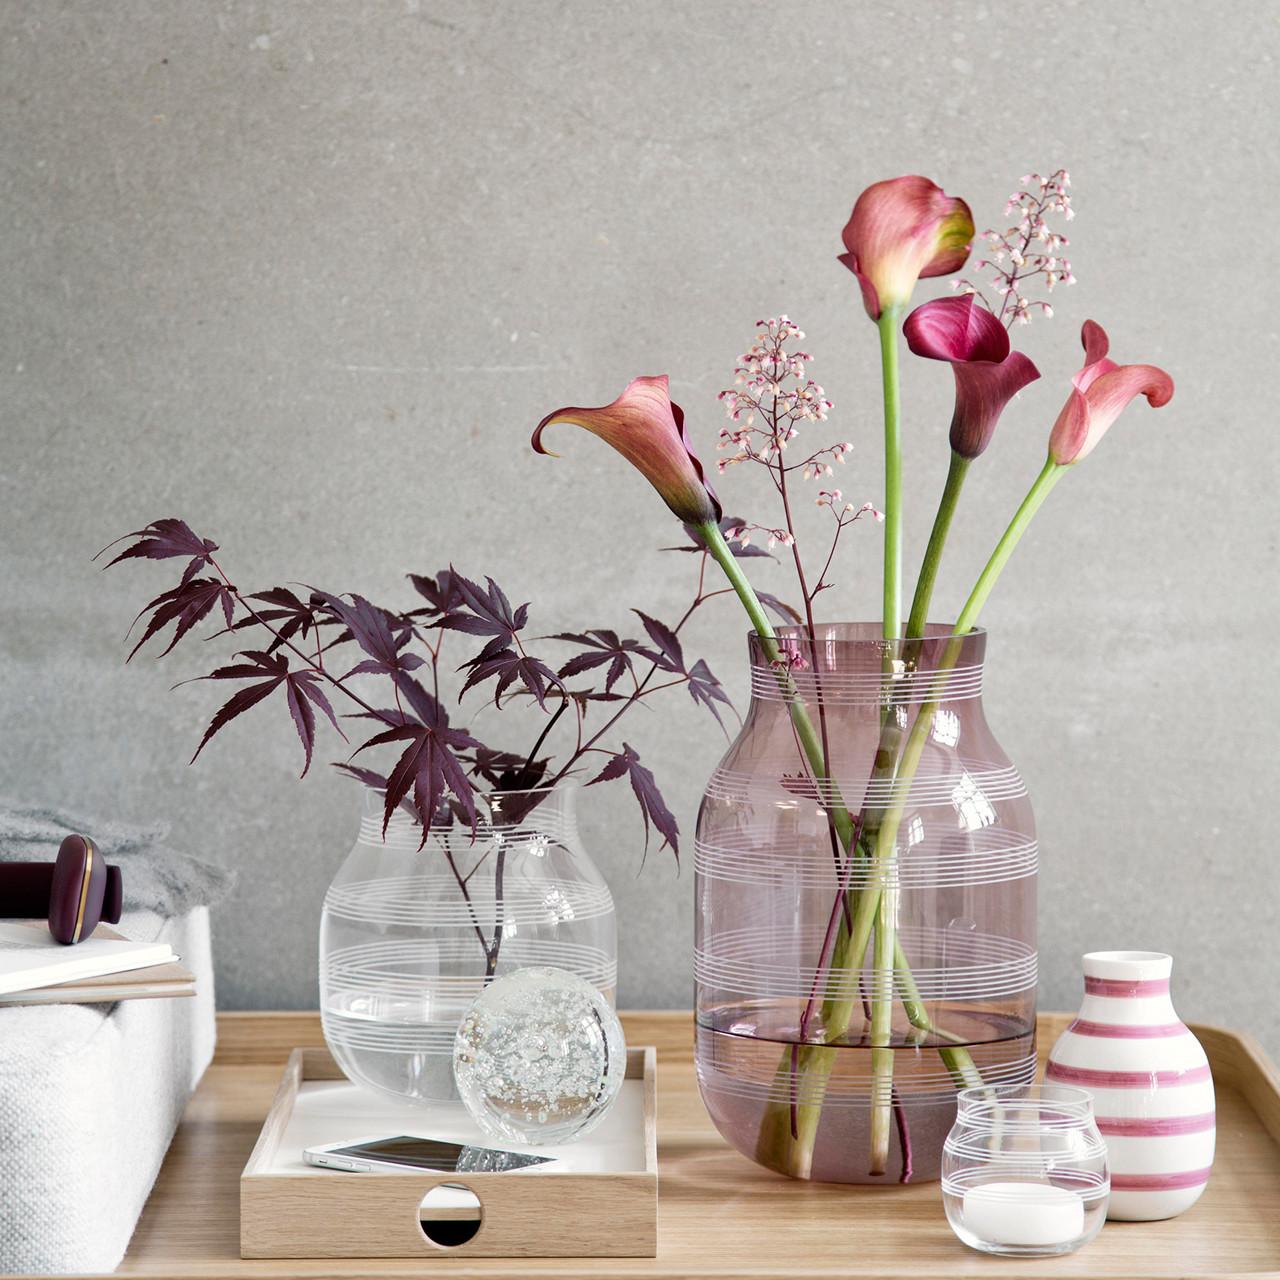 Khler Omaggio Vase H 28 Cm Blomme Kb Her